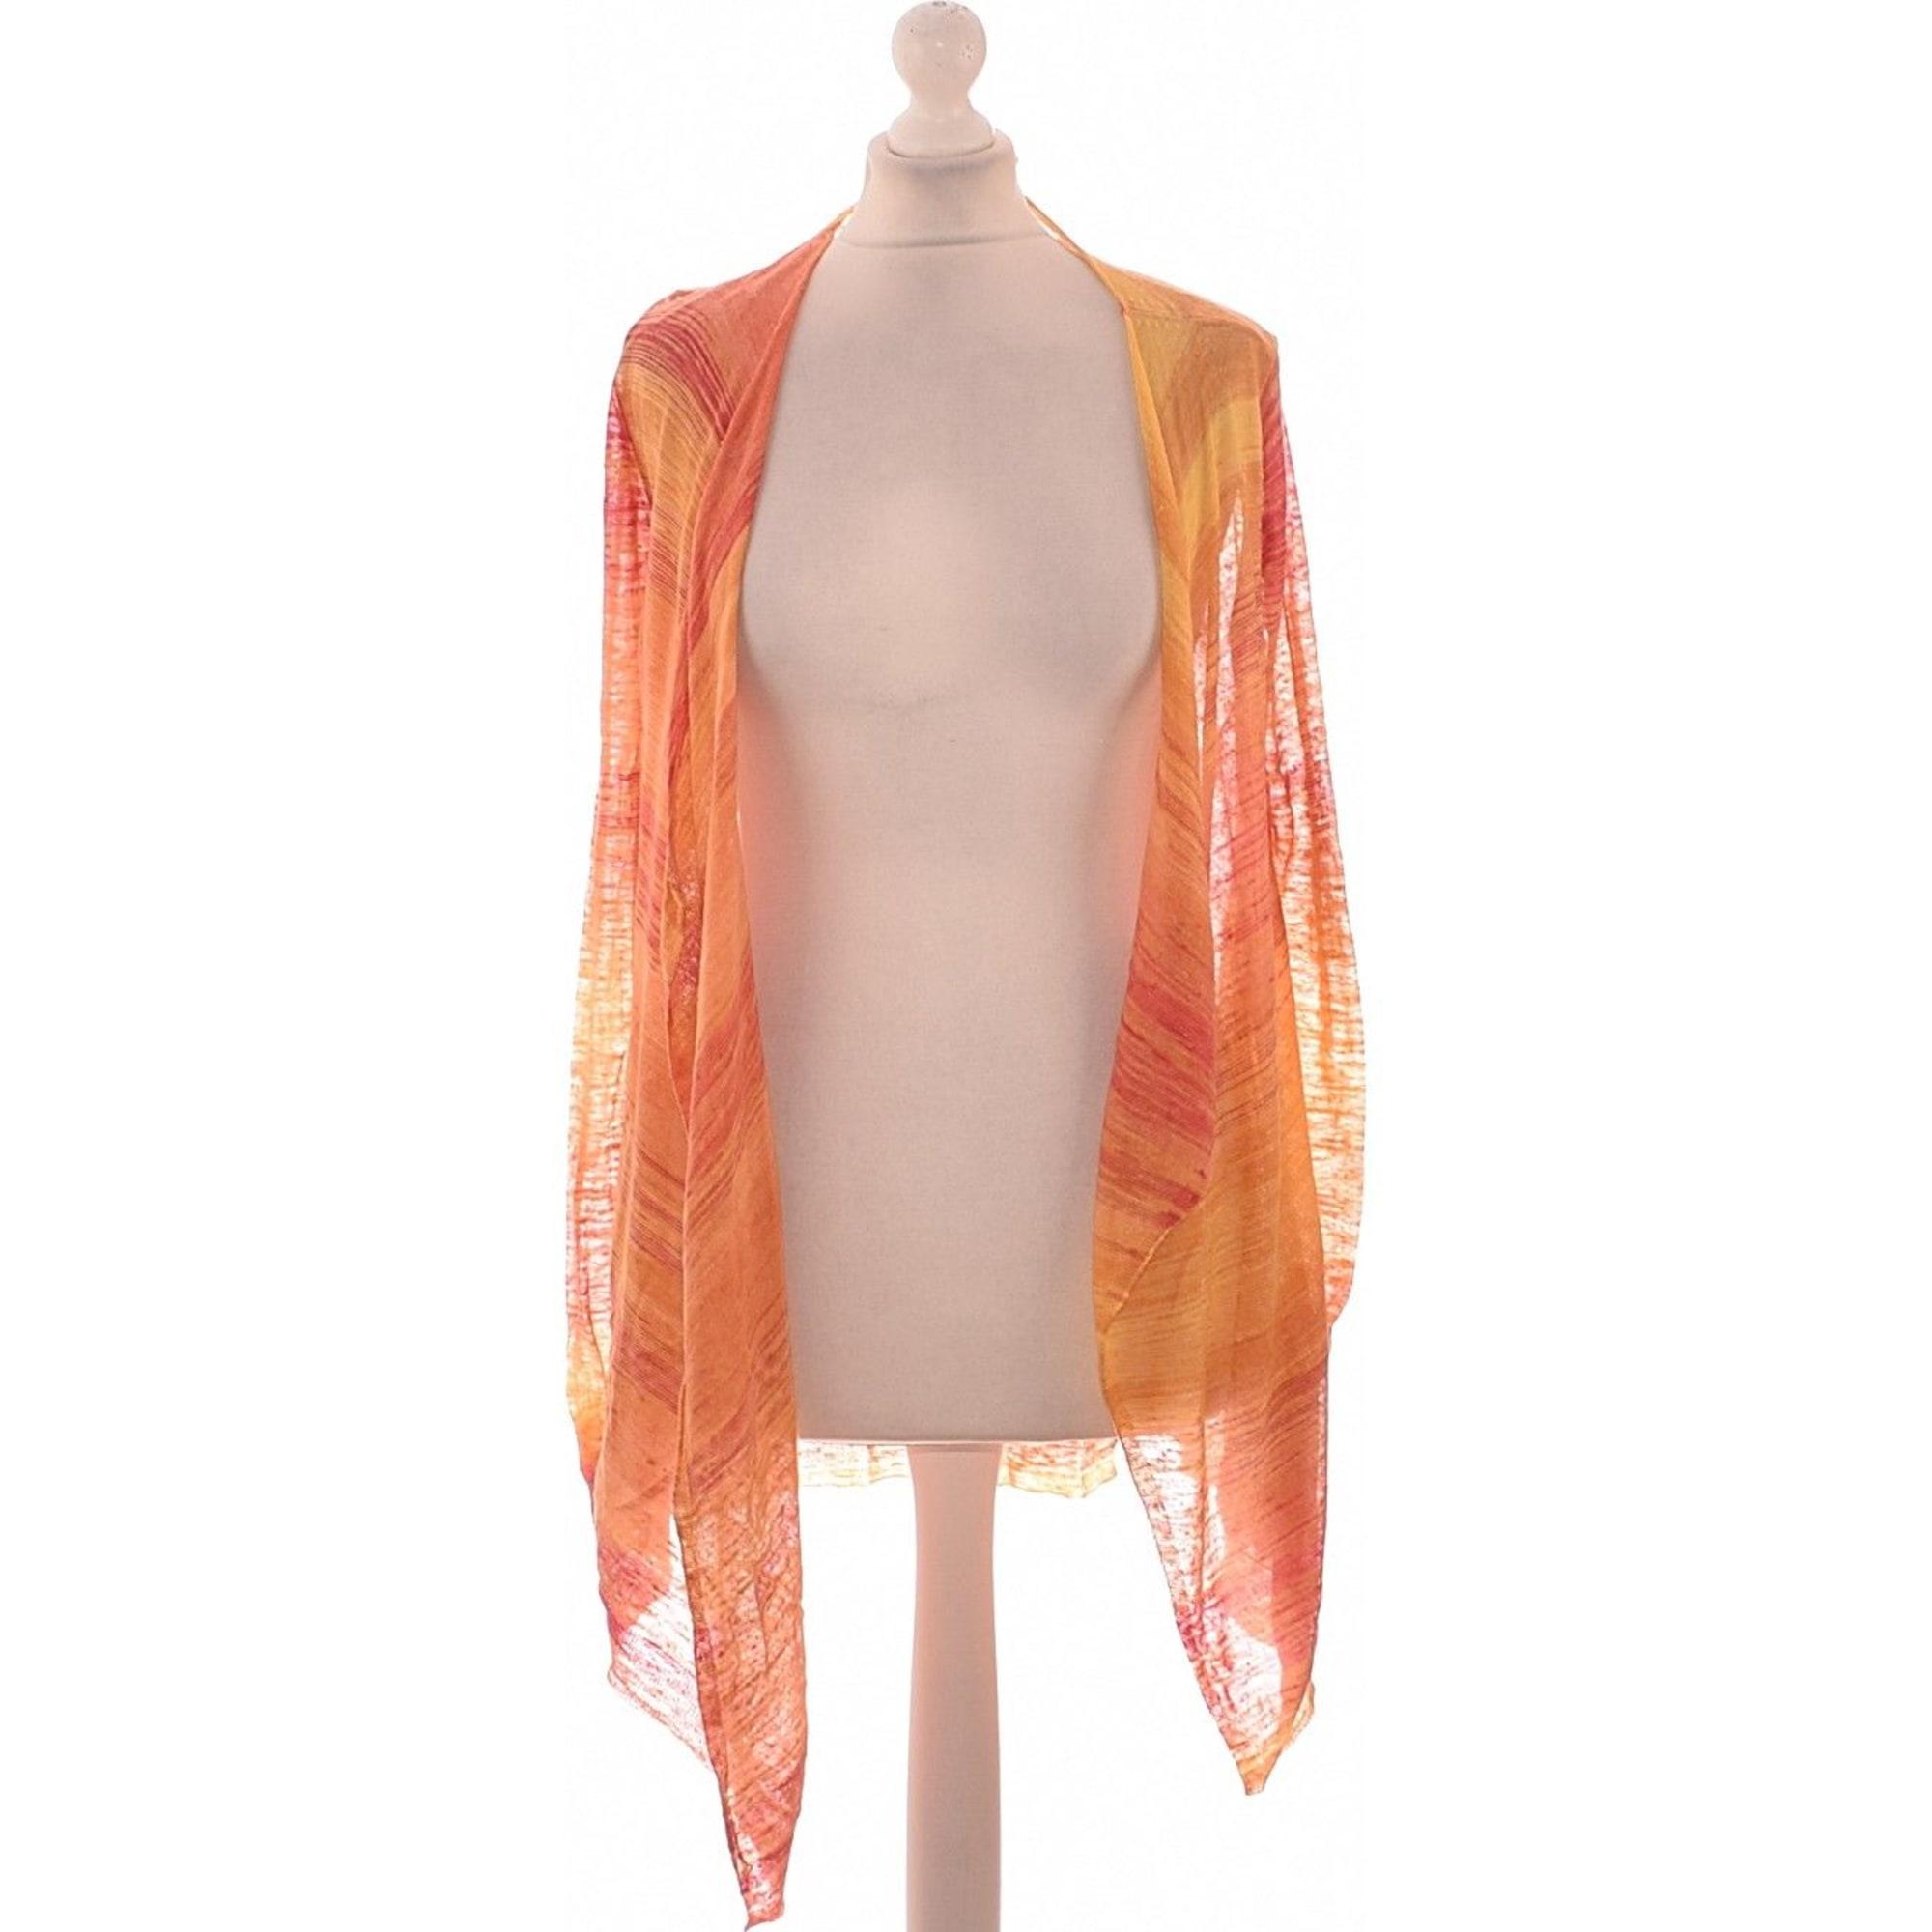 Vest, Cardigan ZADIG & VOLTAIRE Orange